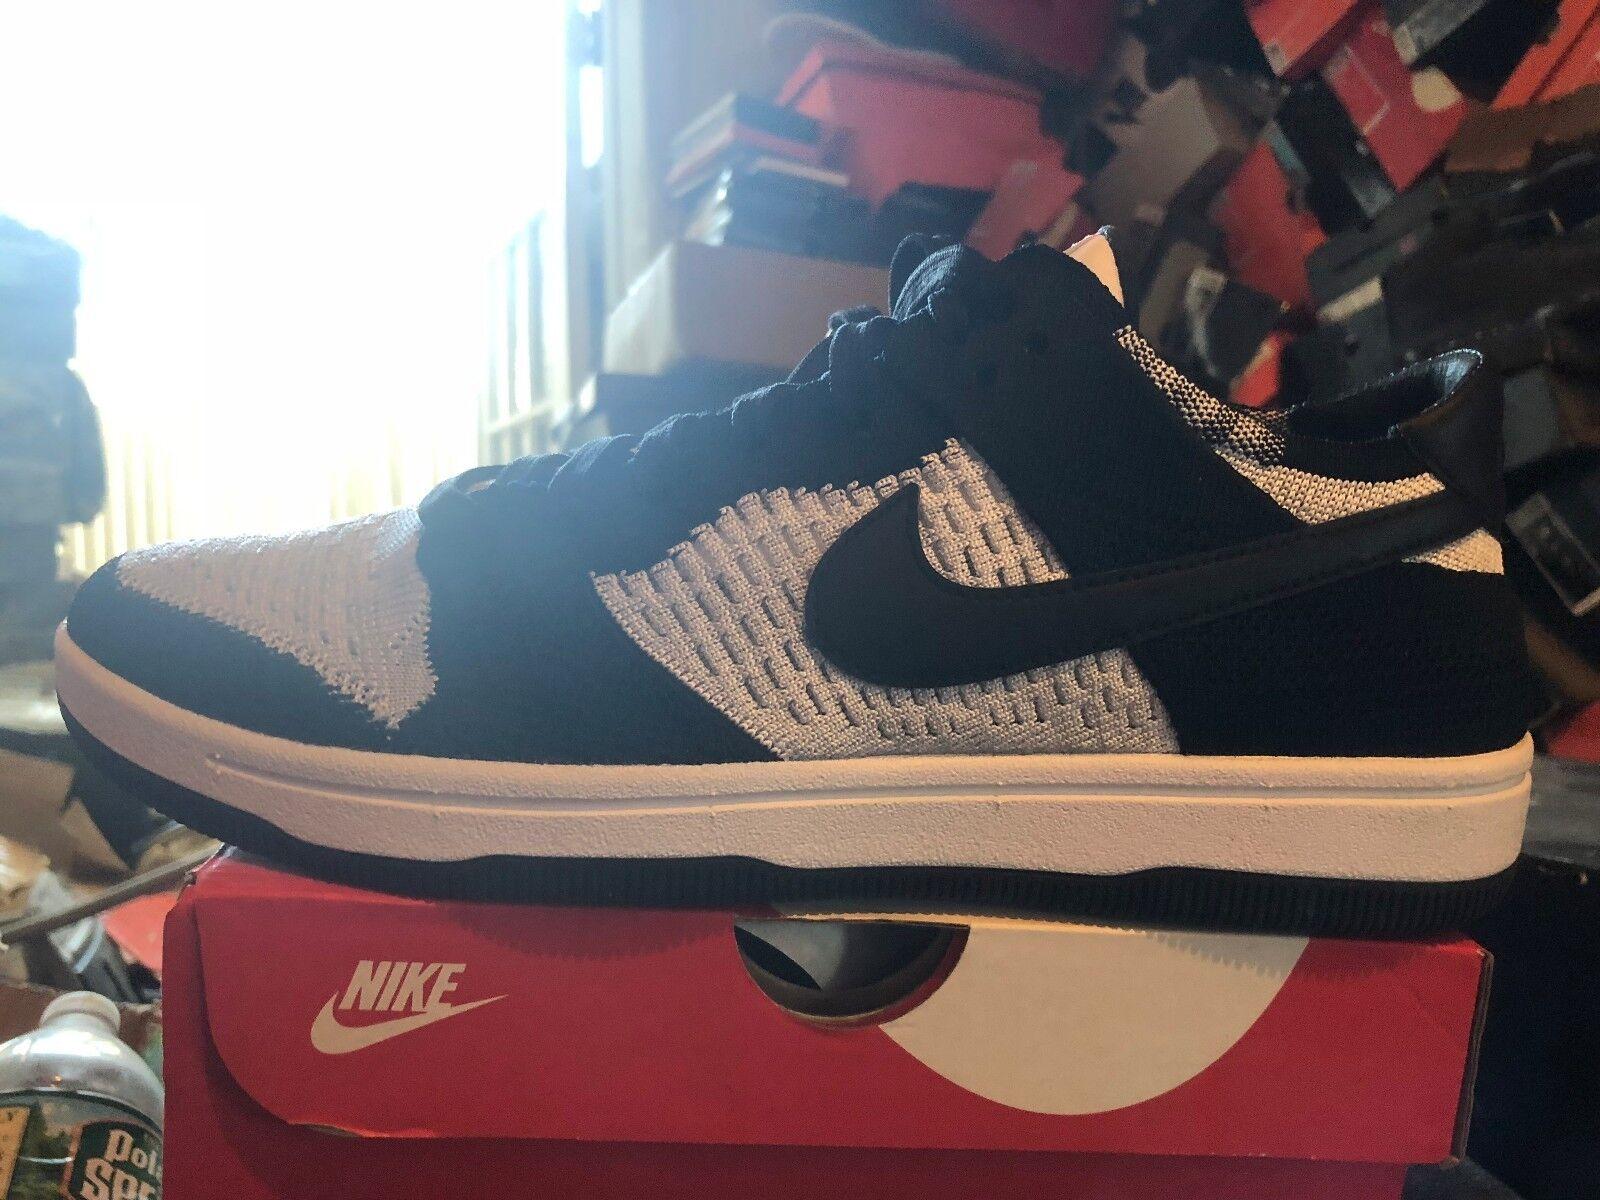 Nike uomini corte royale camoscio nero 819802-011 819802-011 nero scarpa 0260f6